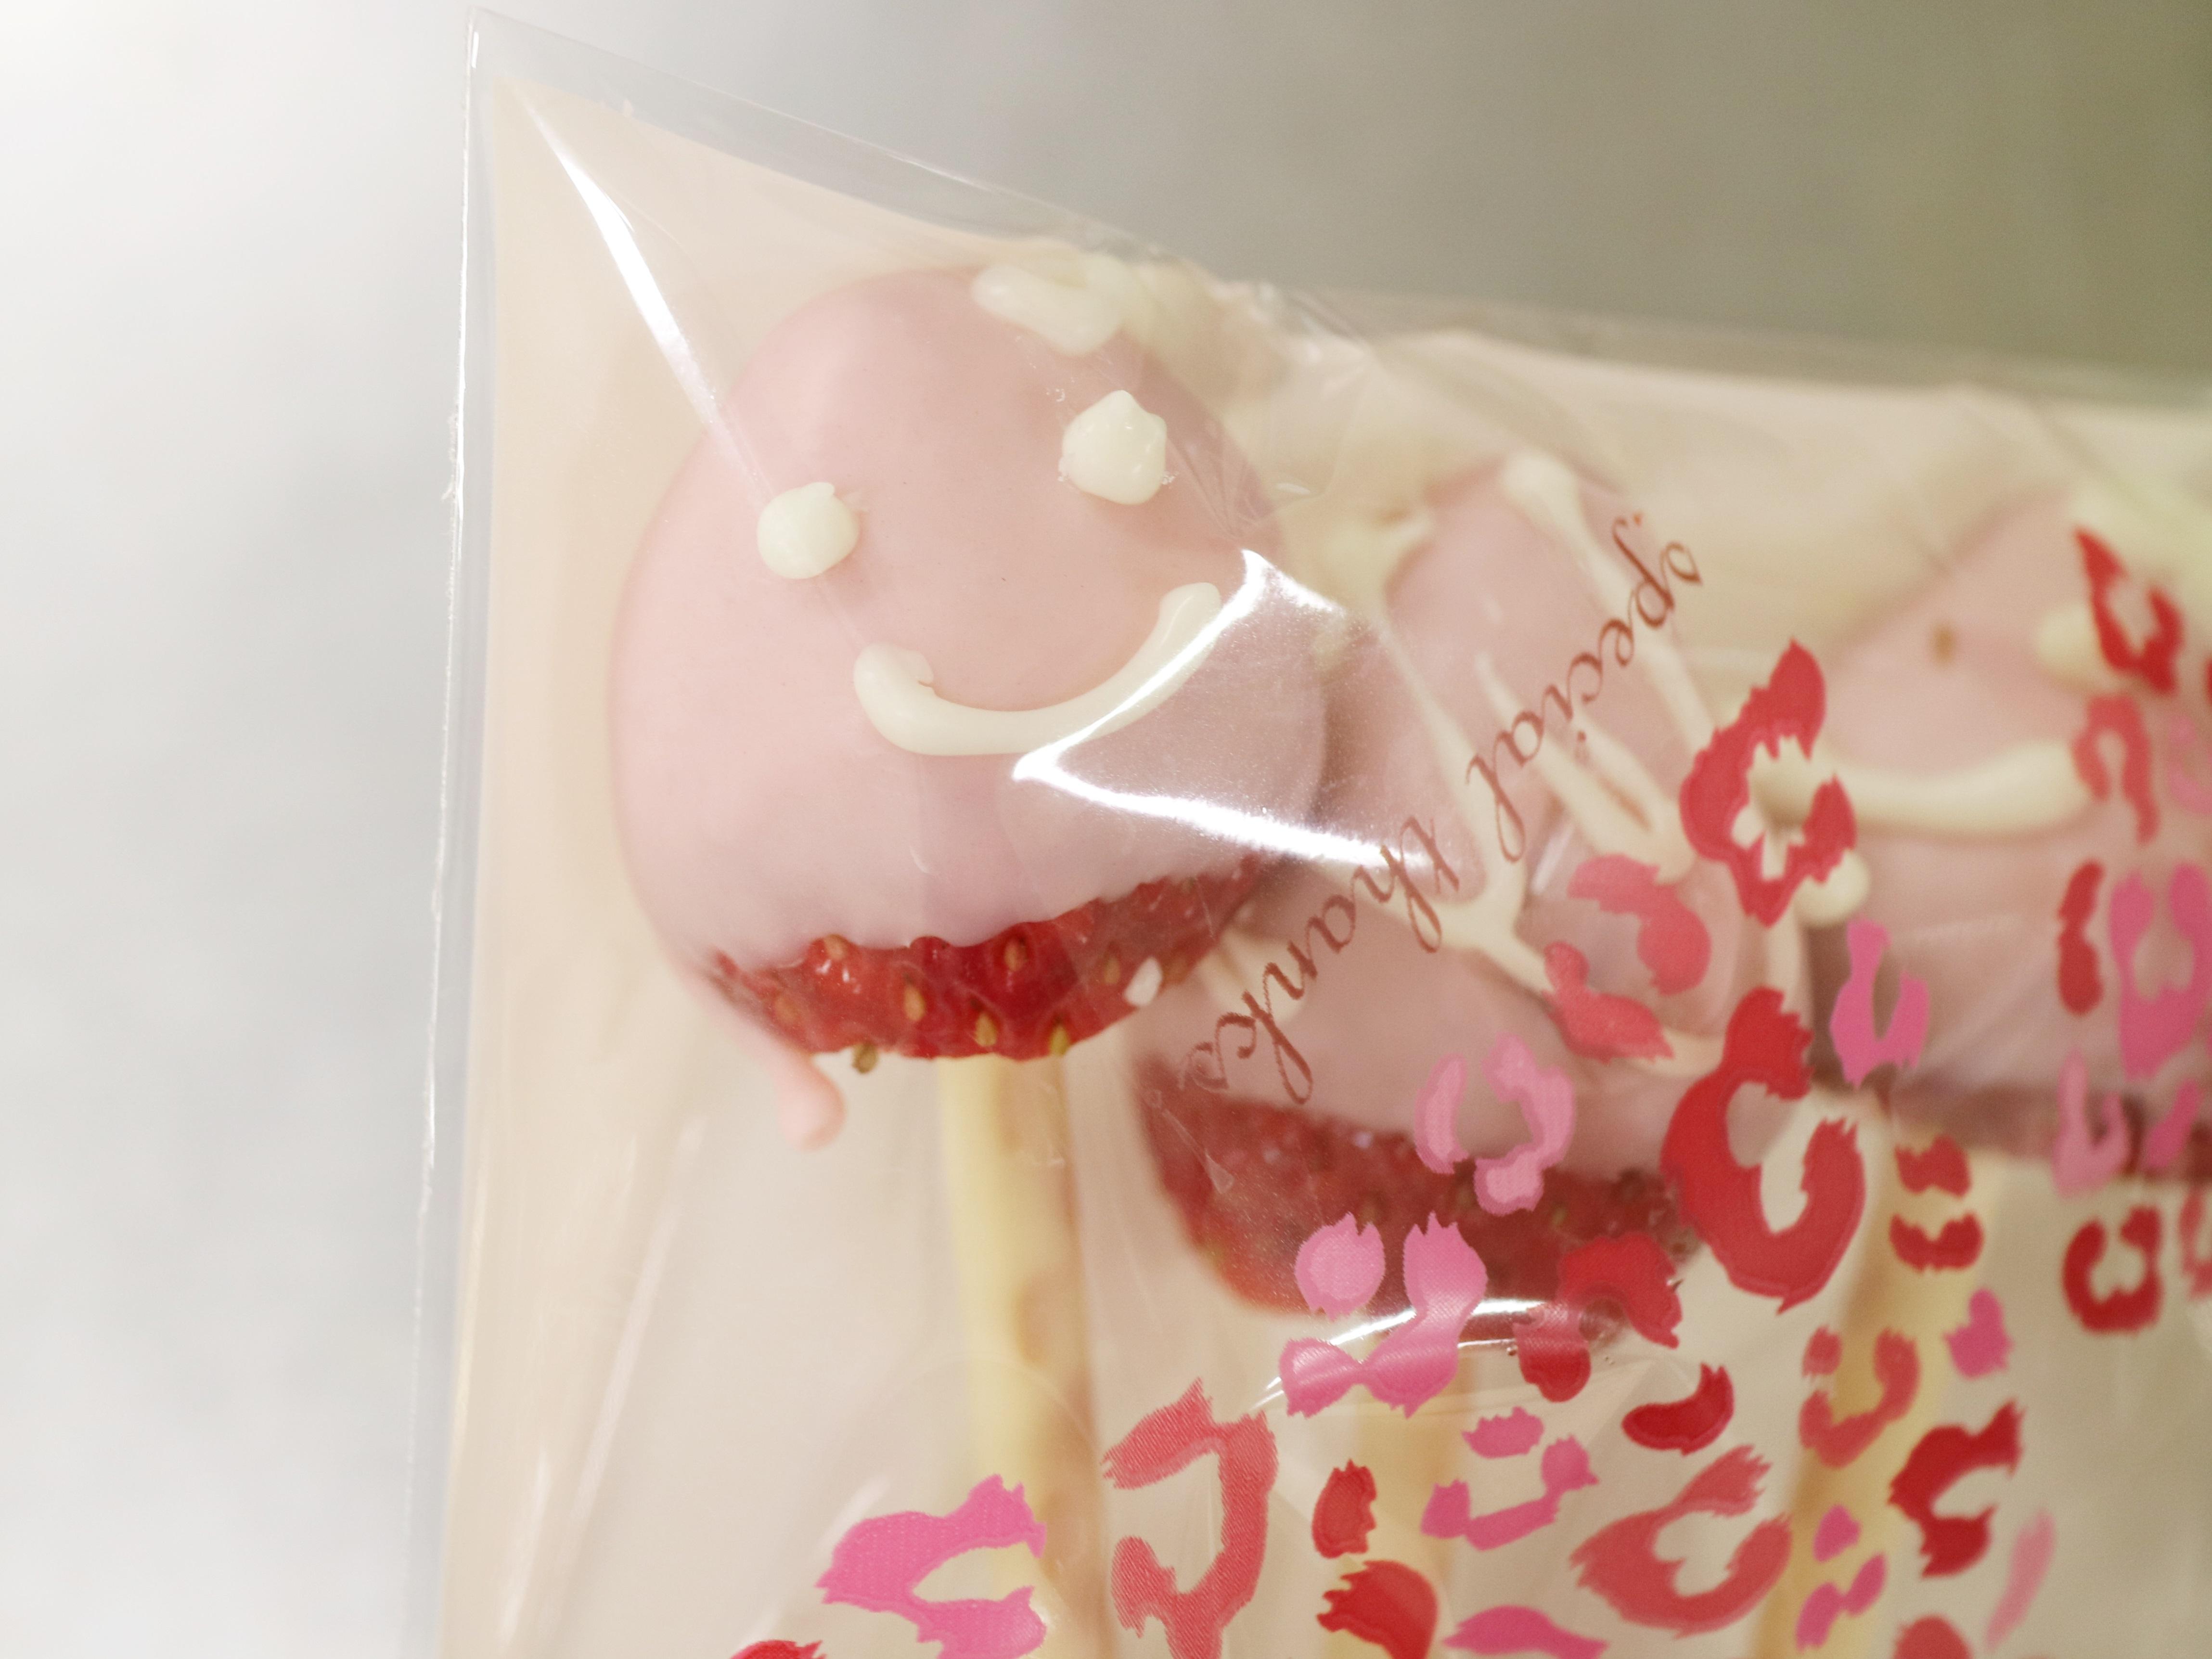 川崎市地方卸売市場南部市場バレンタイン苺チョコ